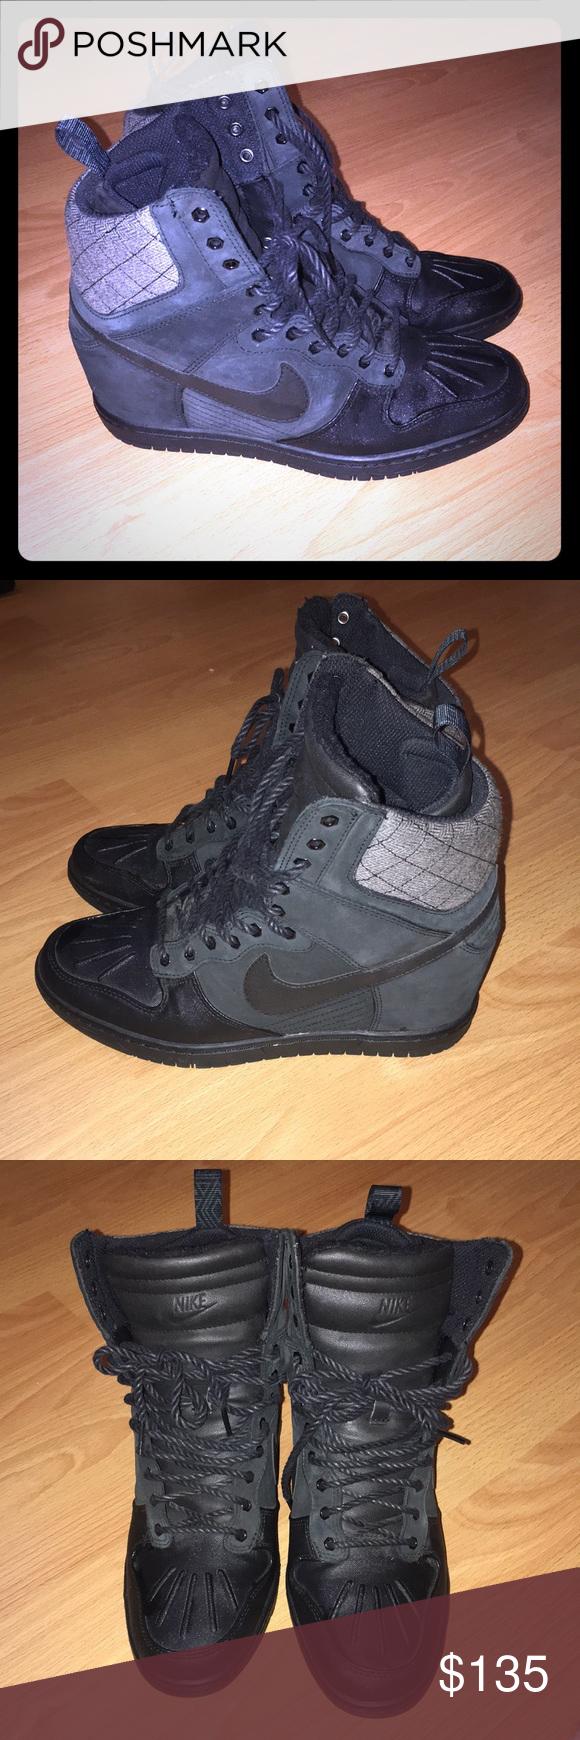 La Edición Especial De Zapato Nike Dunk Sky Hi Zapato De De Cuña Acordonado Y Cuñas 0f9384